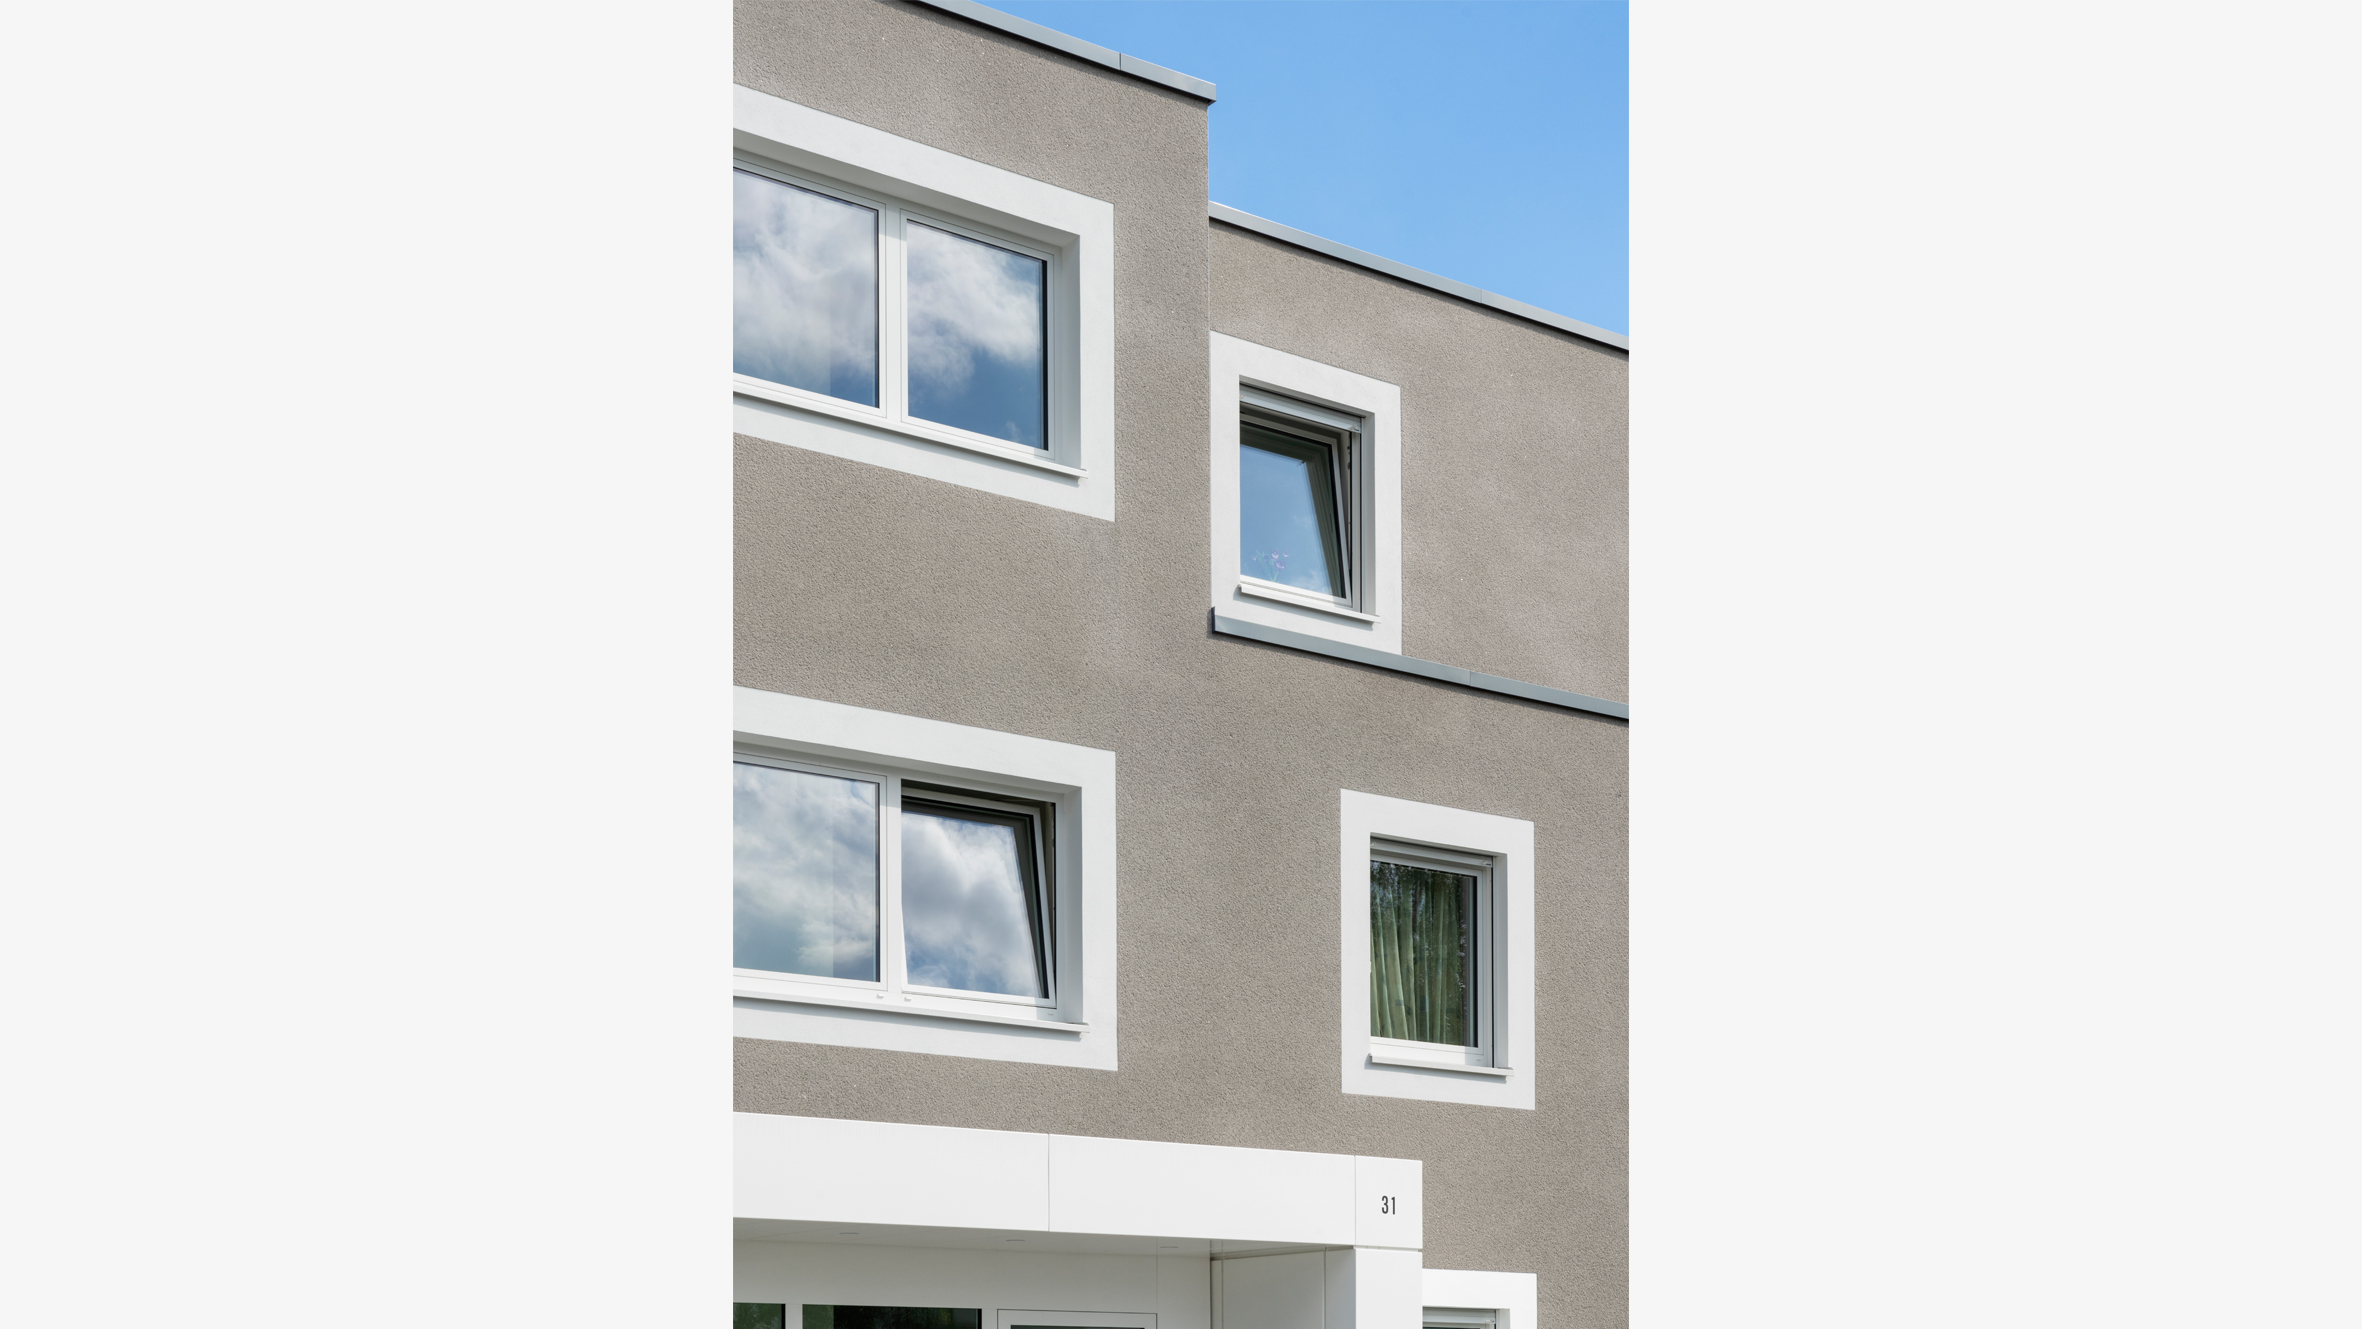 Architekt Bonn Mehrfamilienhaus Rhenusallee, Koenigs Rütter Architekten, Architekt Bonn